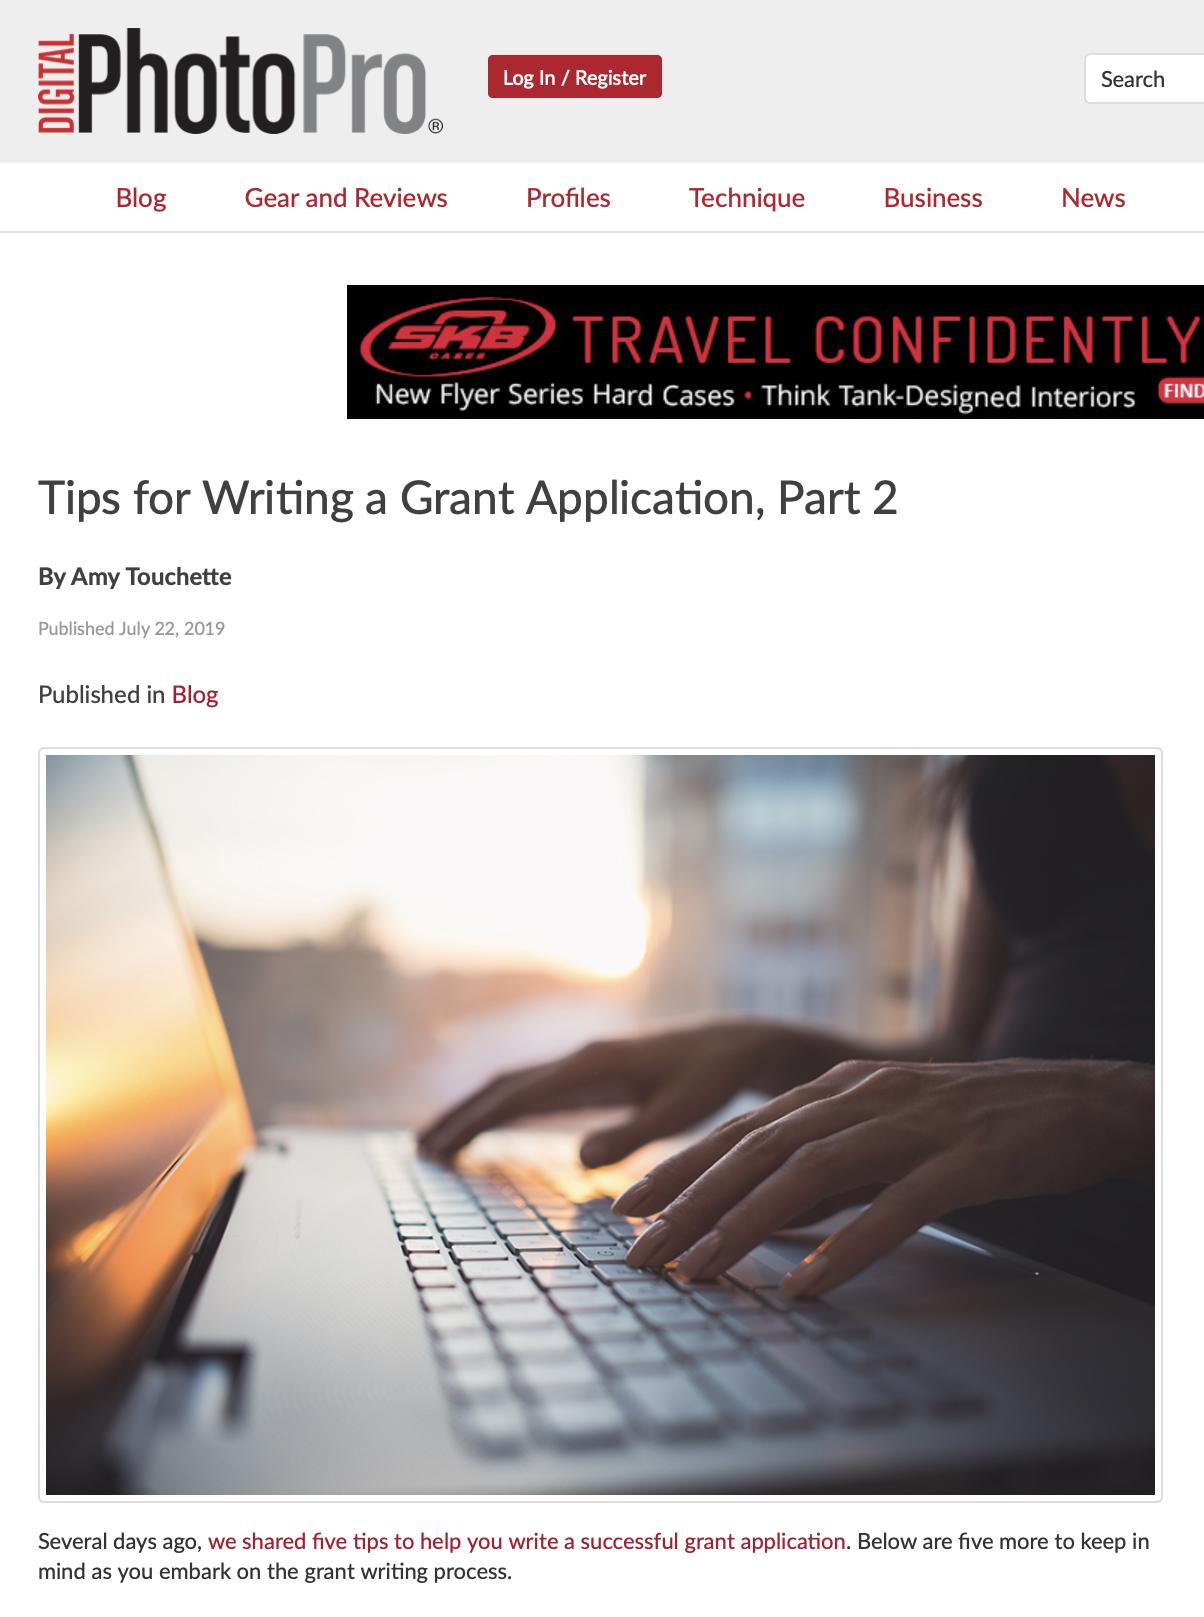 DPP Grant Writing 2_7.22.19.jpg